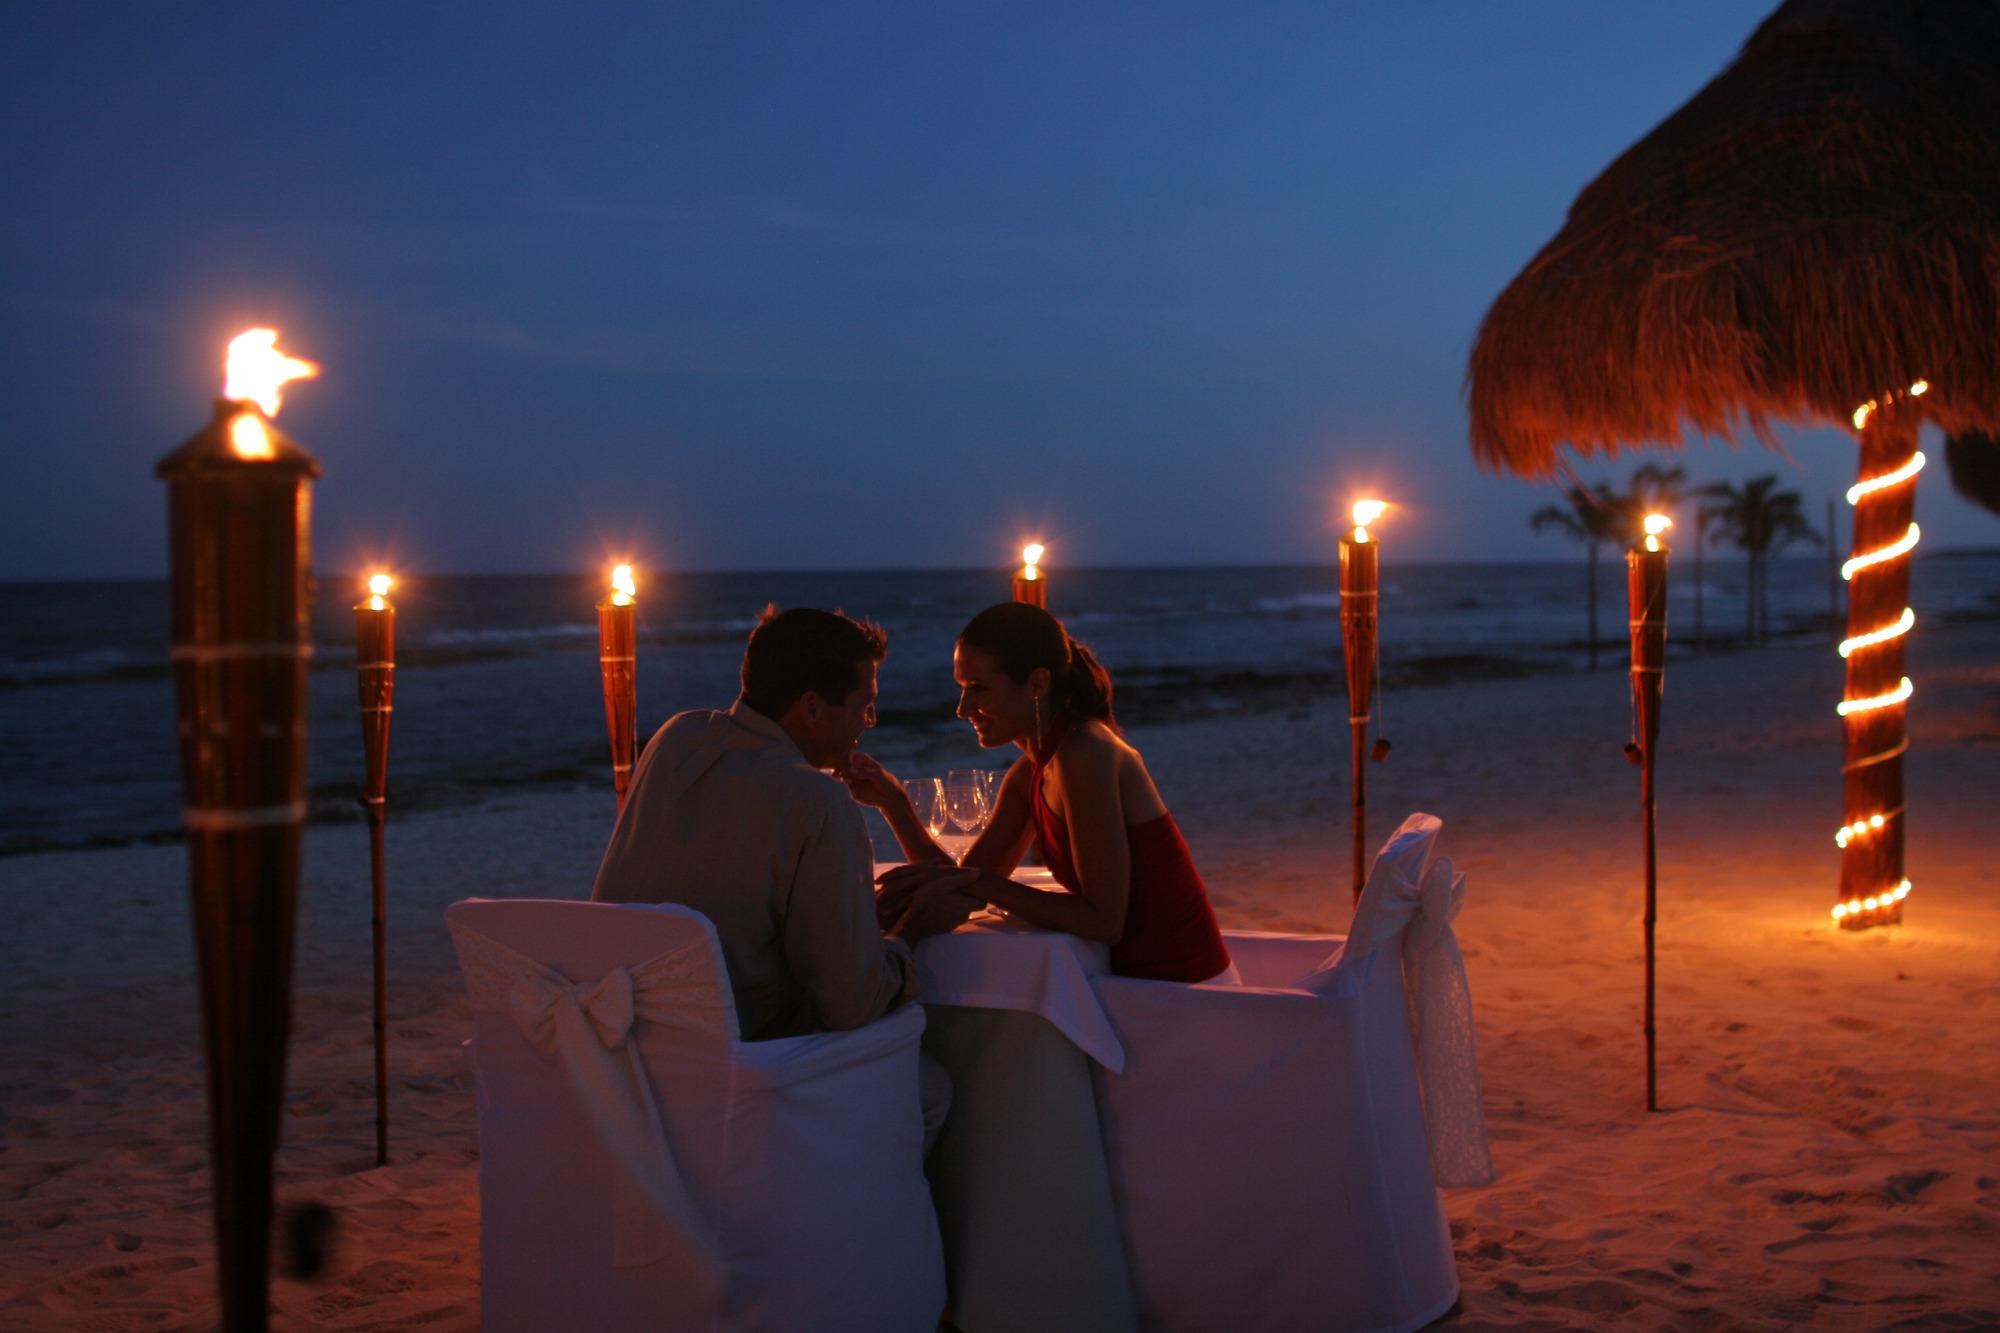 Картинки романтические вечера влюбленных, ежика прикольные